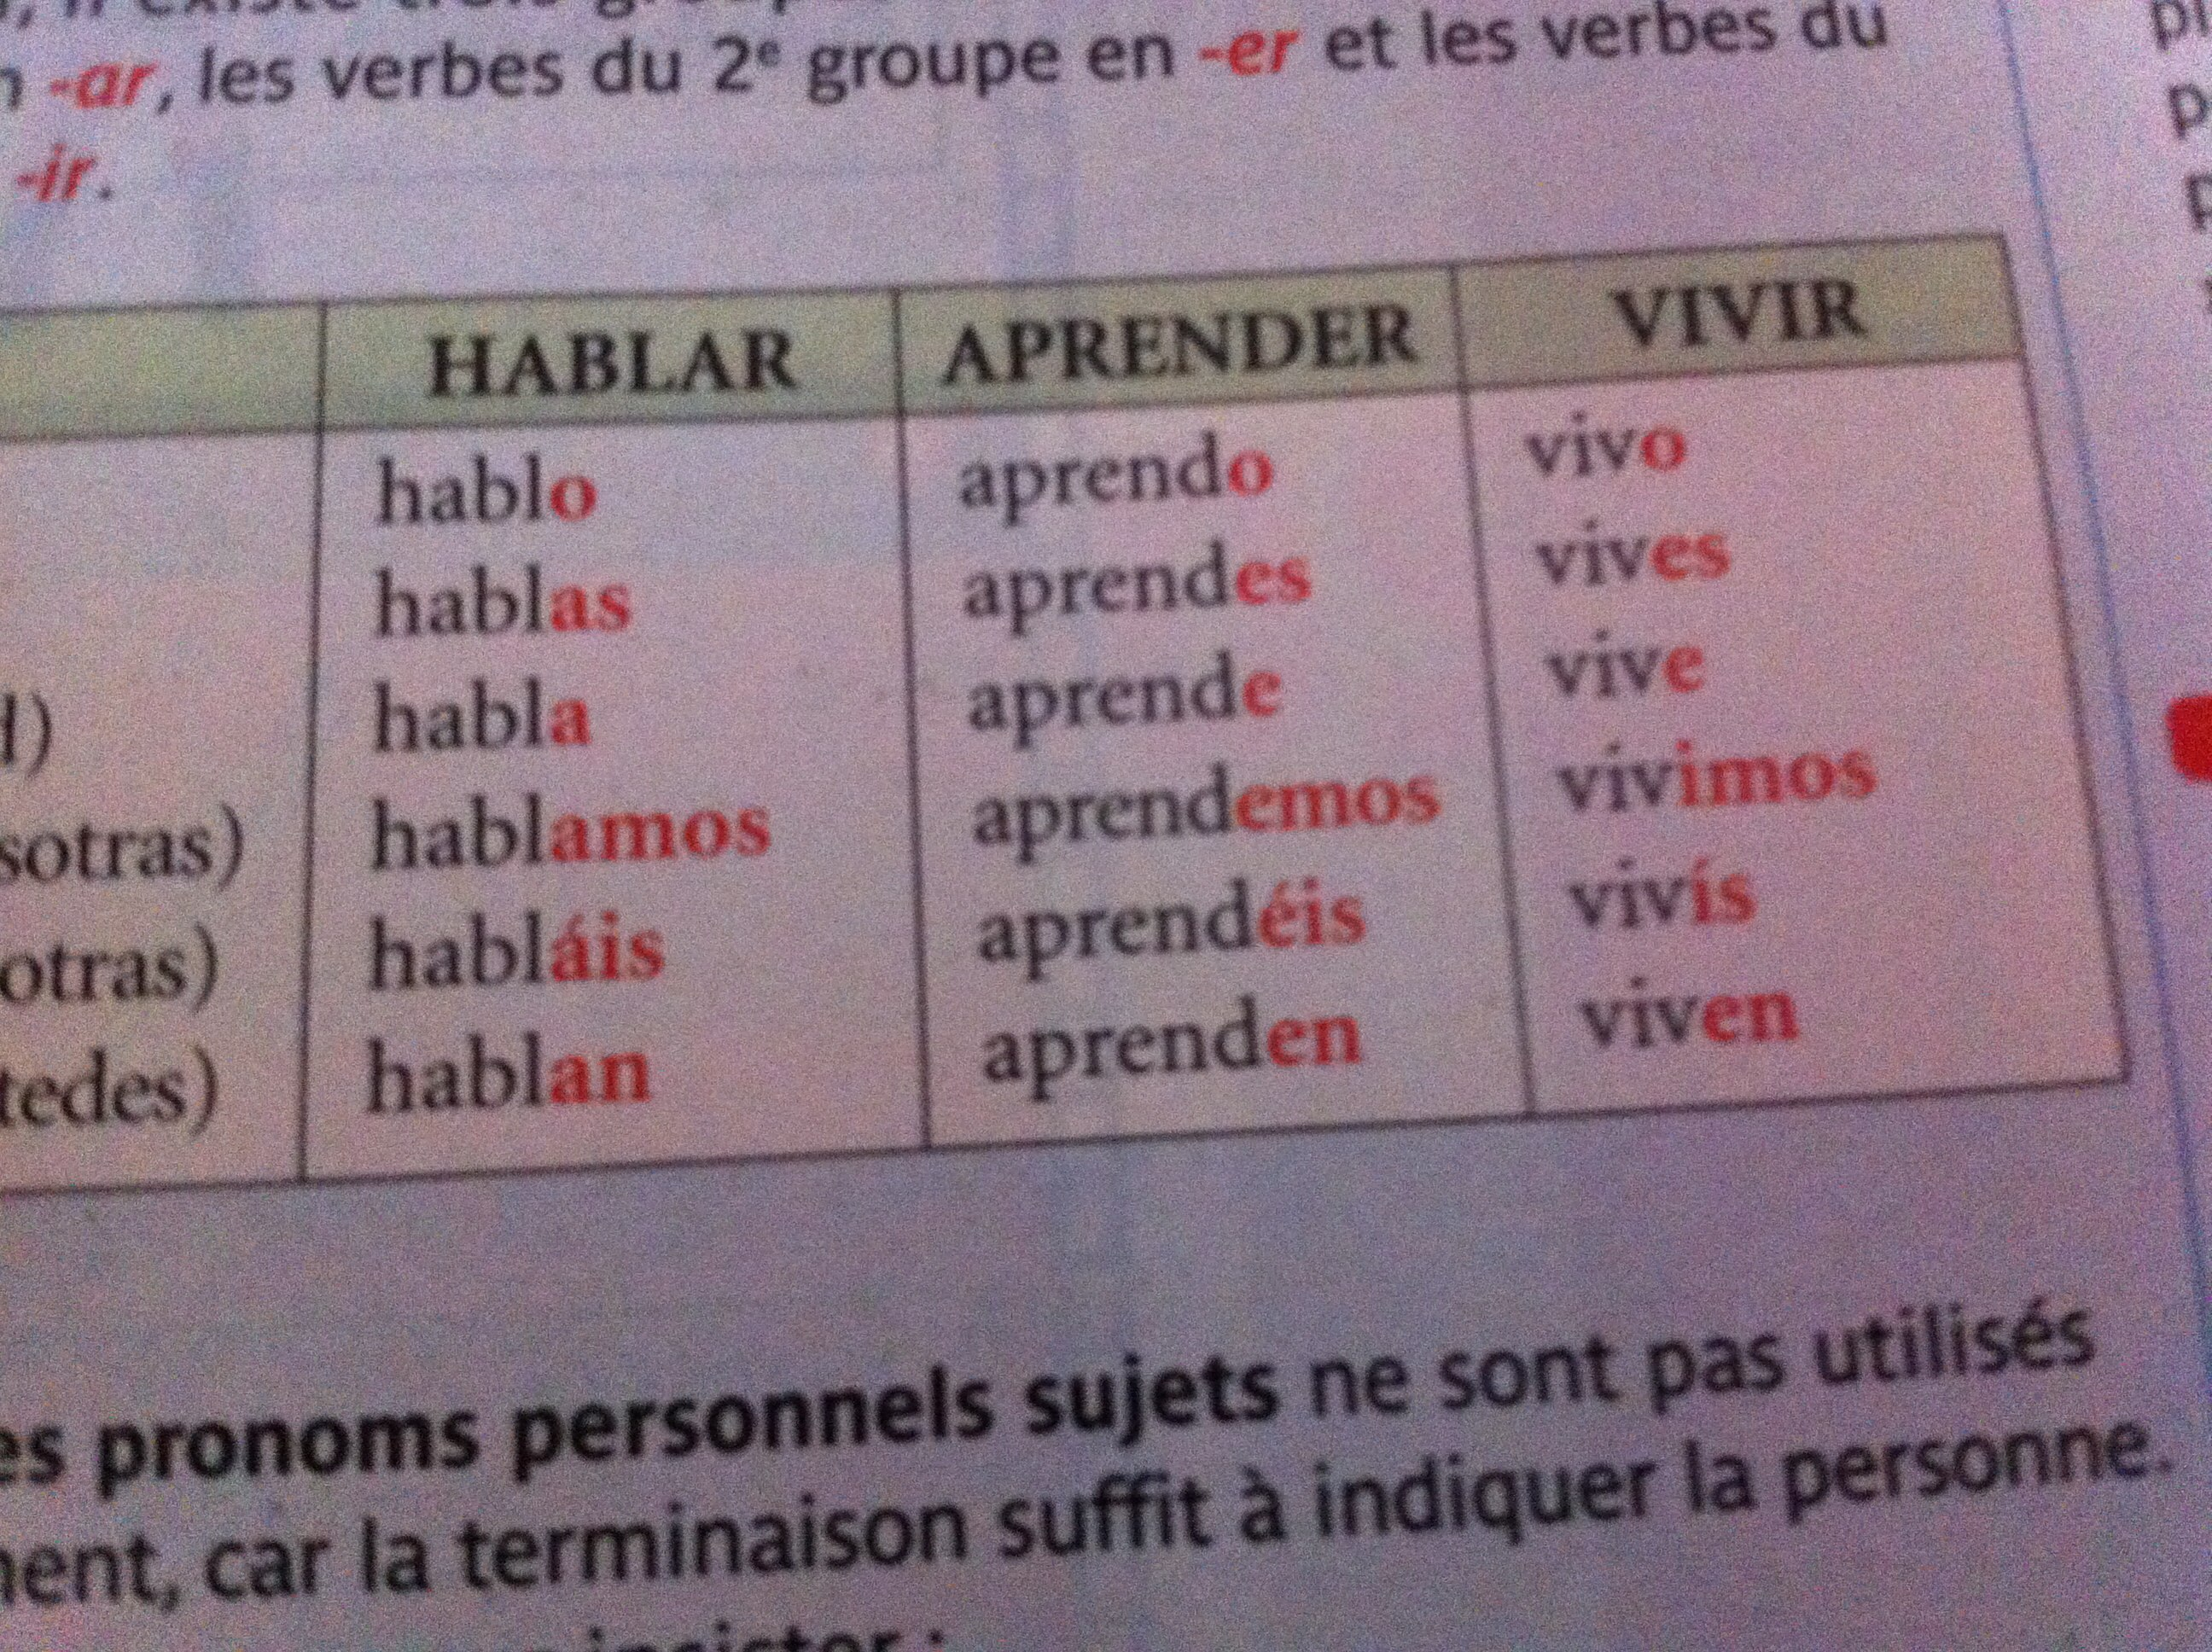 Verbe hablar et vivir en espagnol digischool devoirs for Conjugaison espagnol hablar